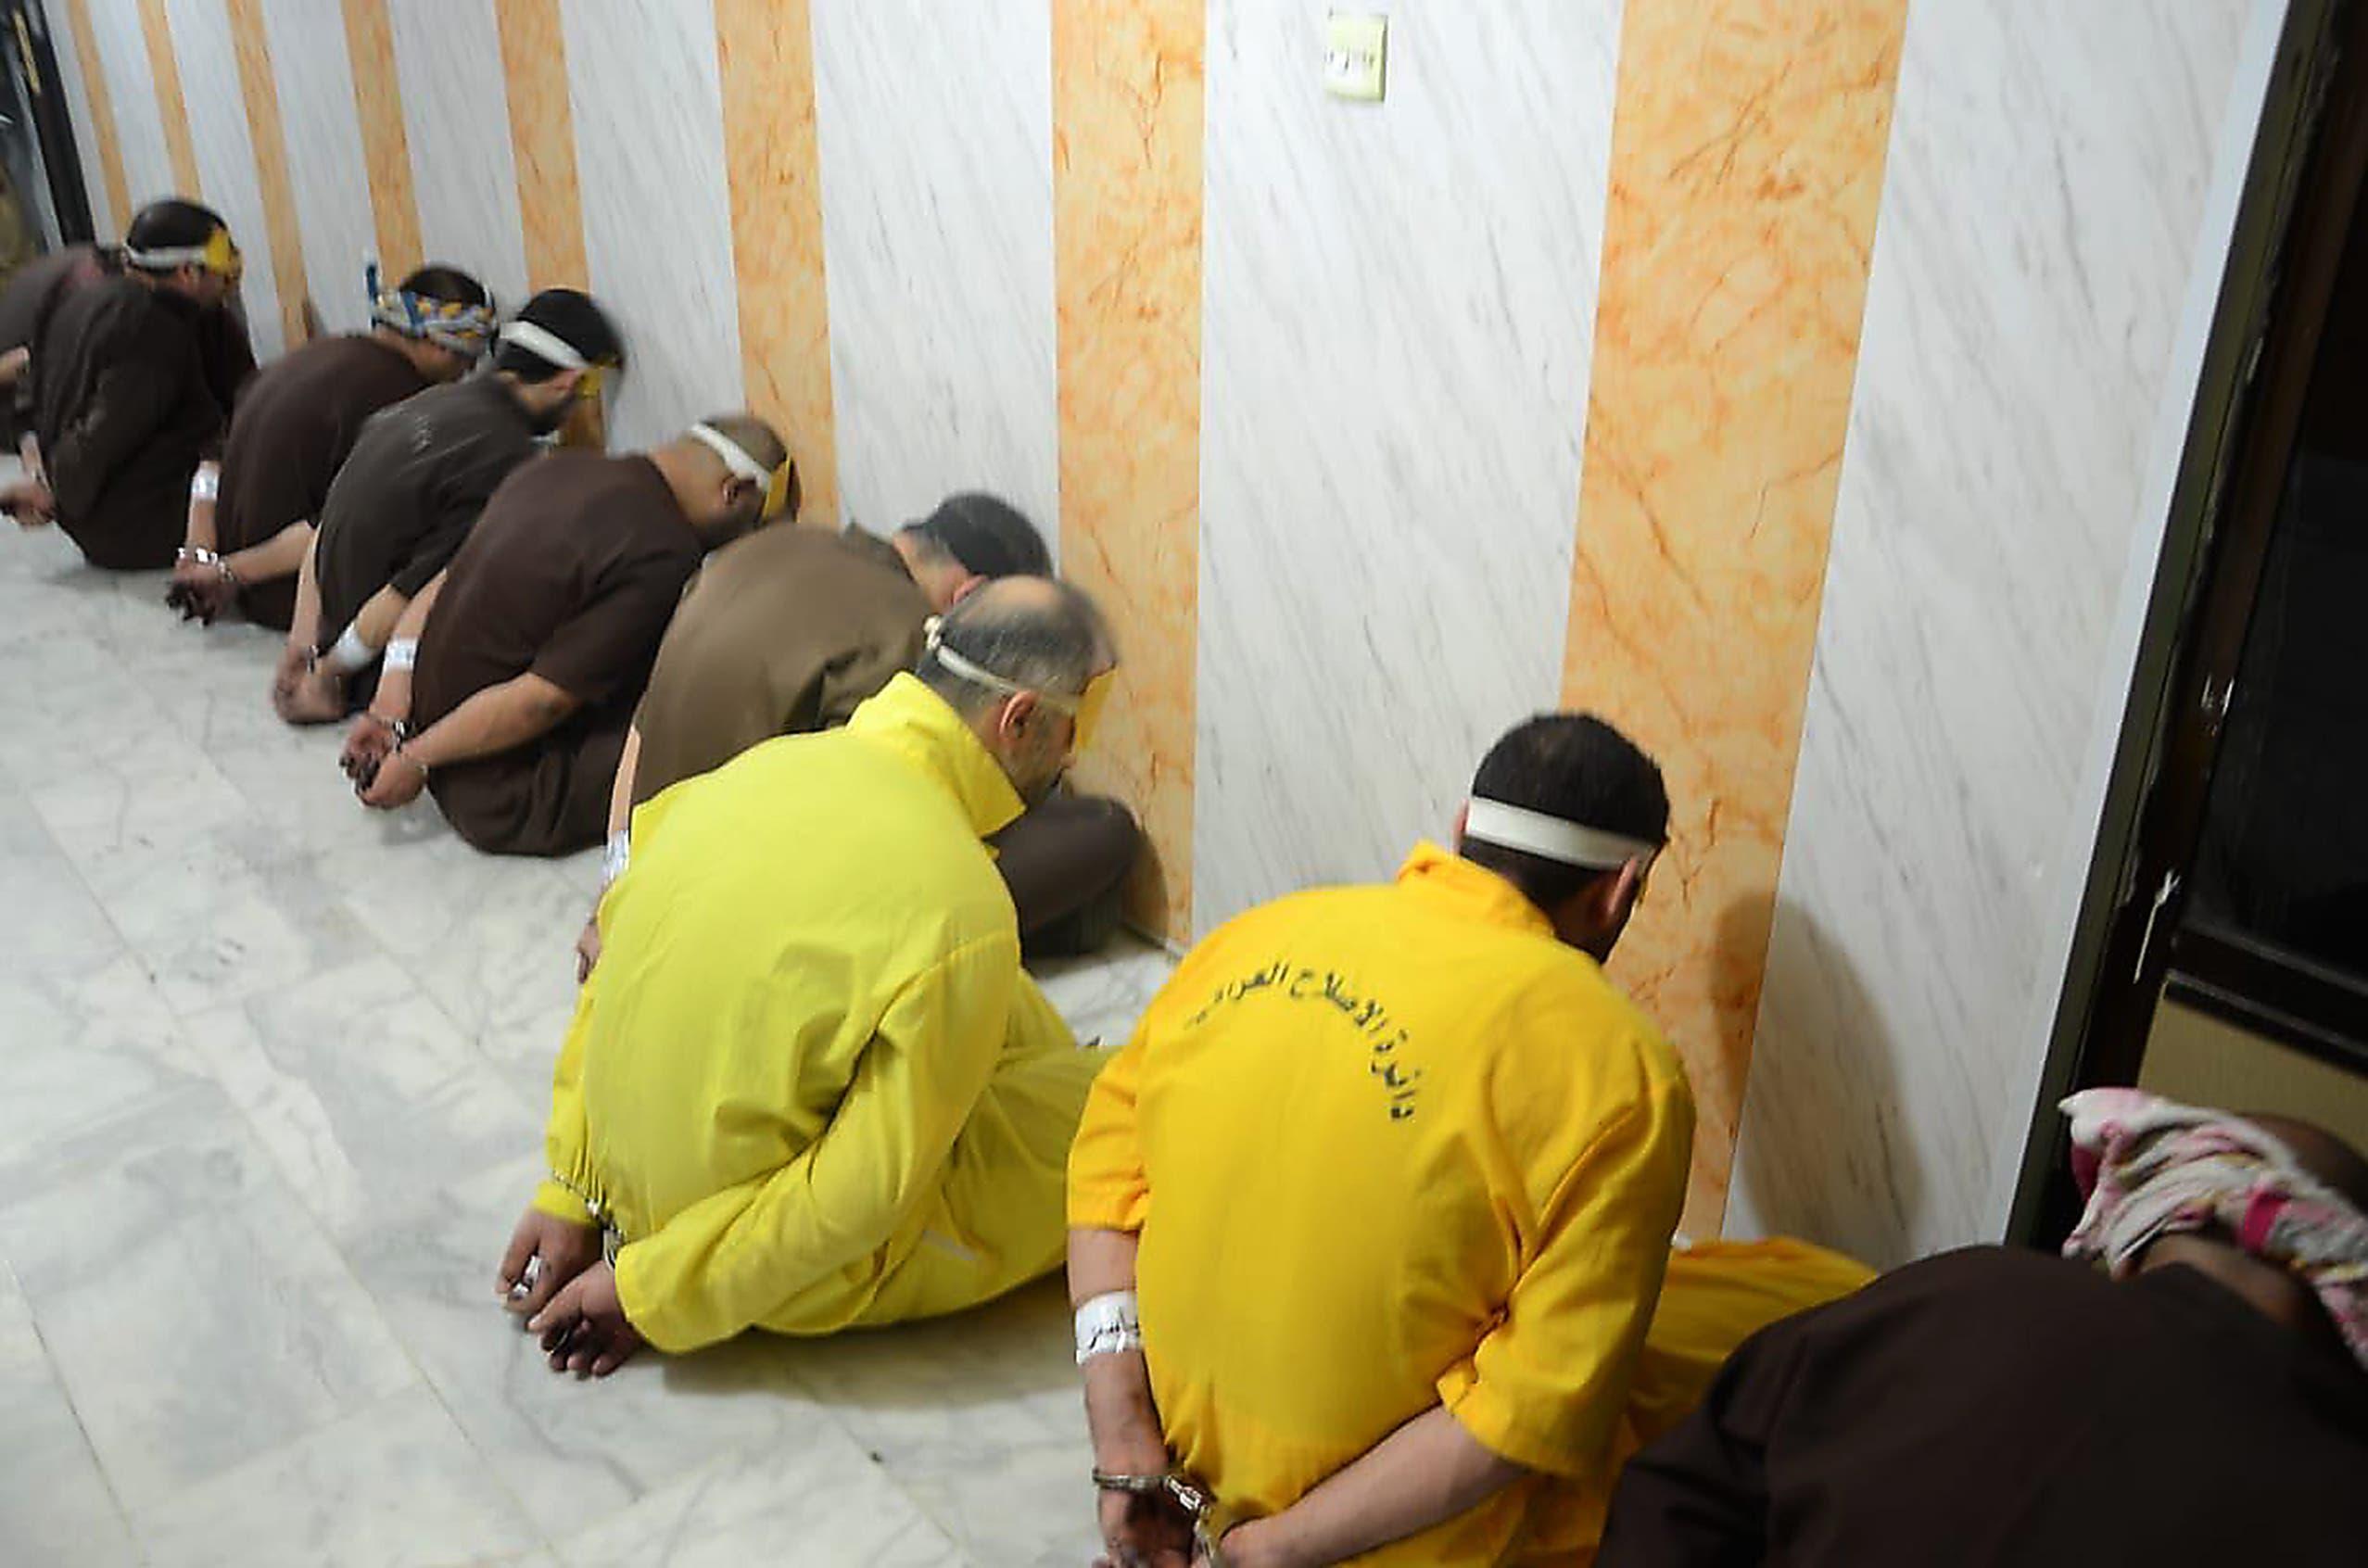 دواعش محكومون بالإعدام ينتظرون تنفيذ الحكم بحقهم في 2018 (أرشيفية)